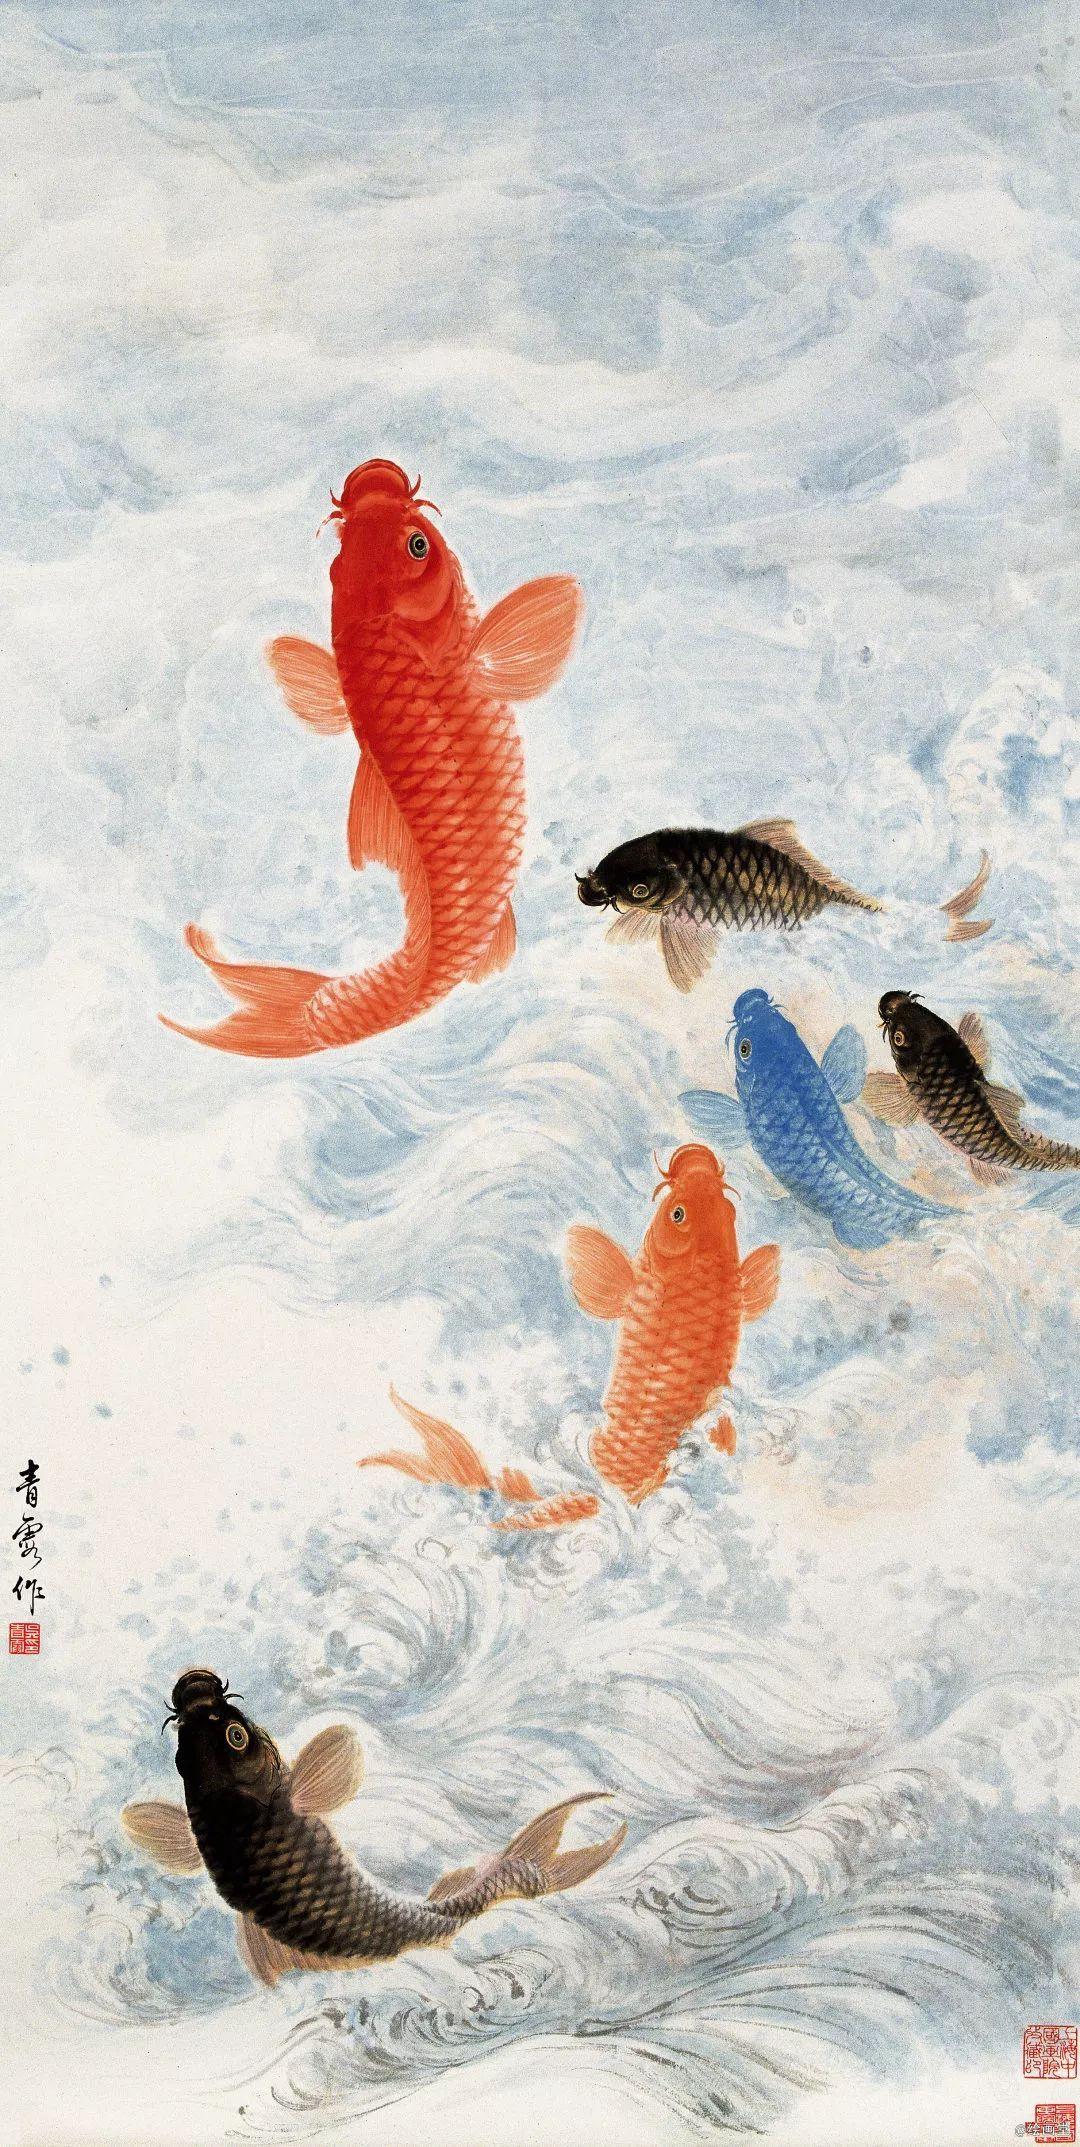 百岁女画家:用心画画,像鱼儿一样快乐生活